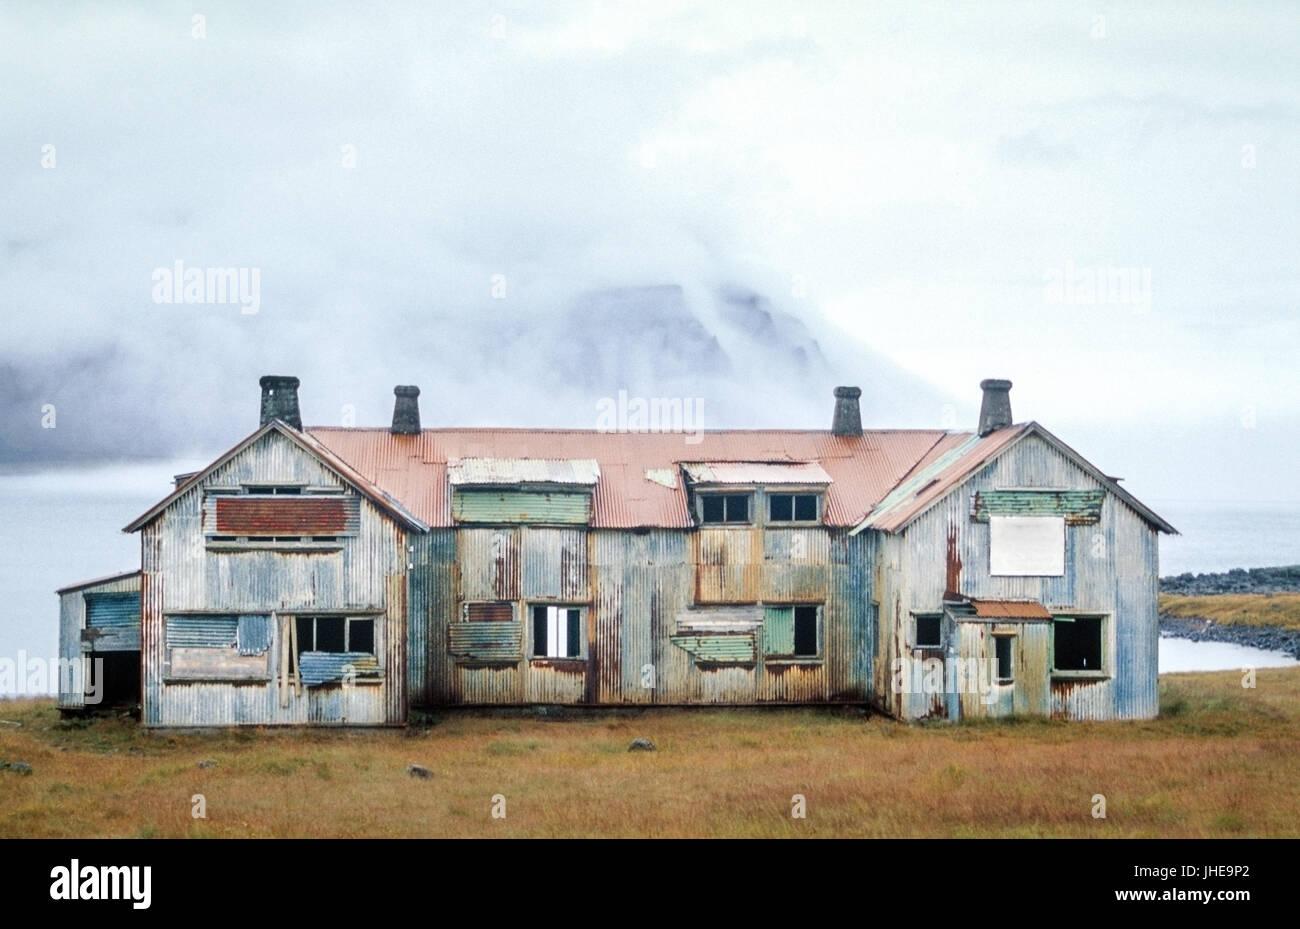 Ancienne maison hantée. ruine à un fjord d'Islande. Photo Stock